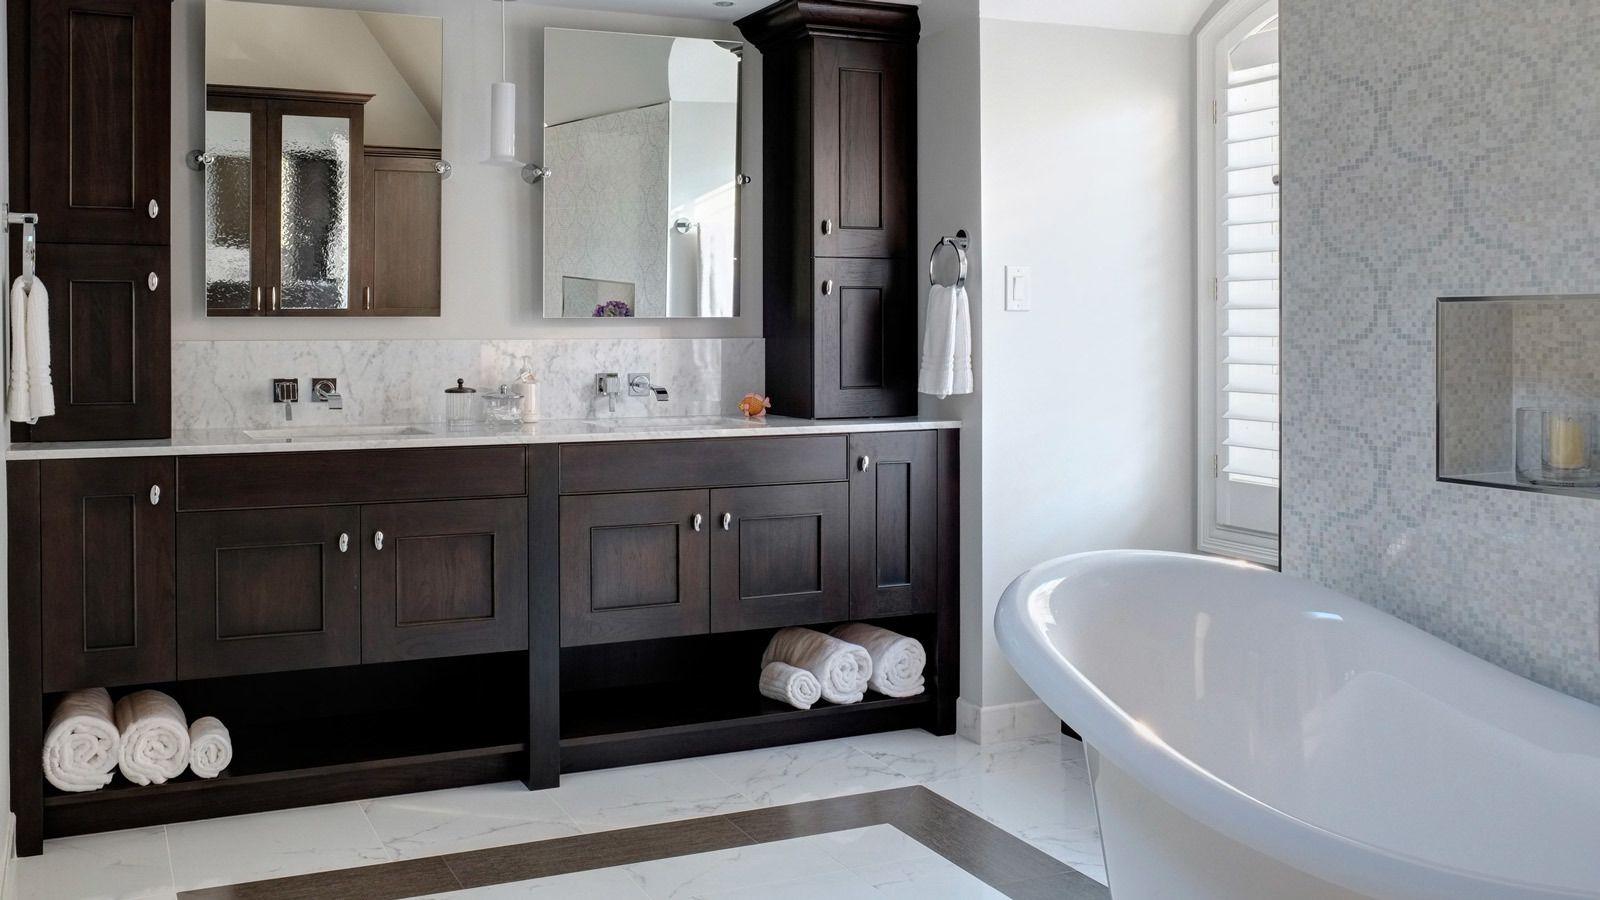 Holz Badezimmermöbel ~ Badezimmermöbel fühlen sie sich wohl in ihrem wellness lounge